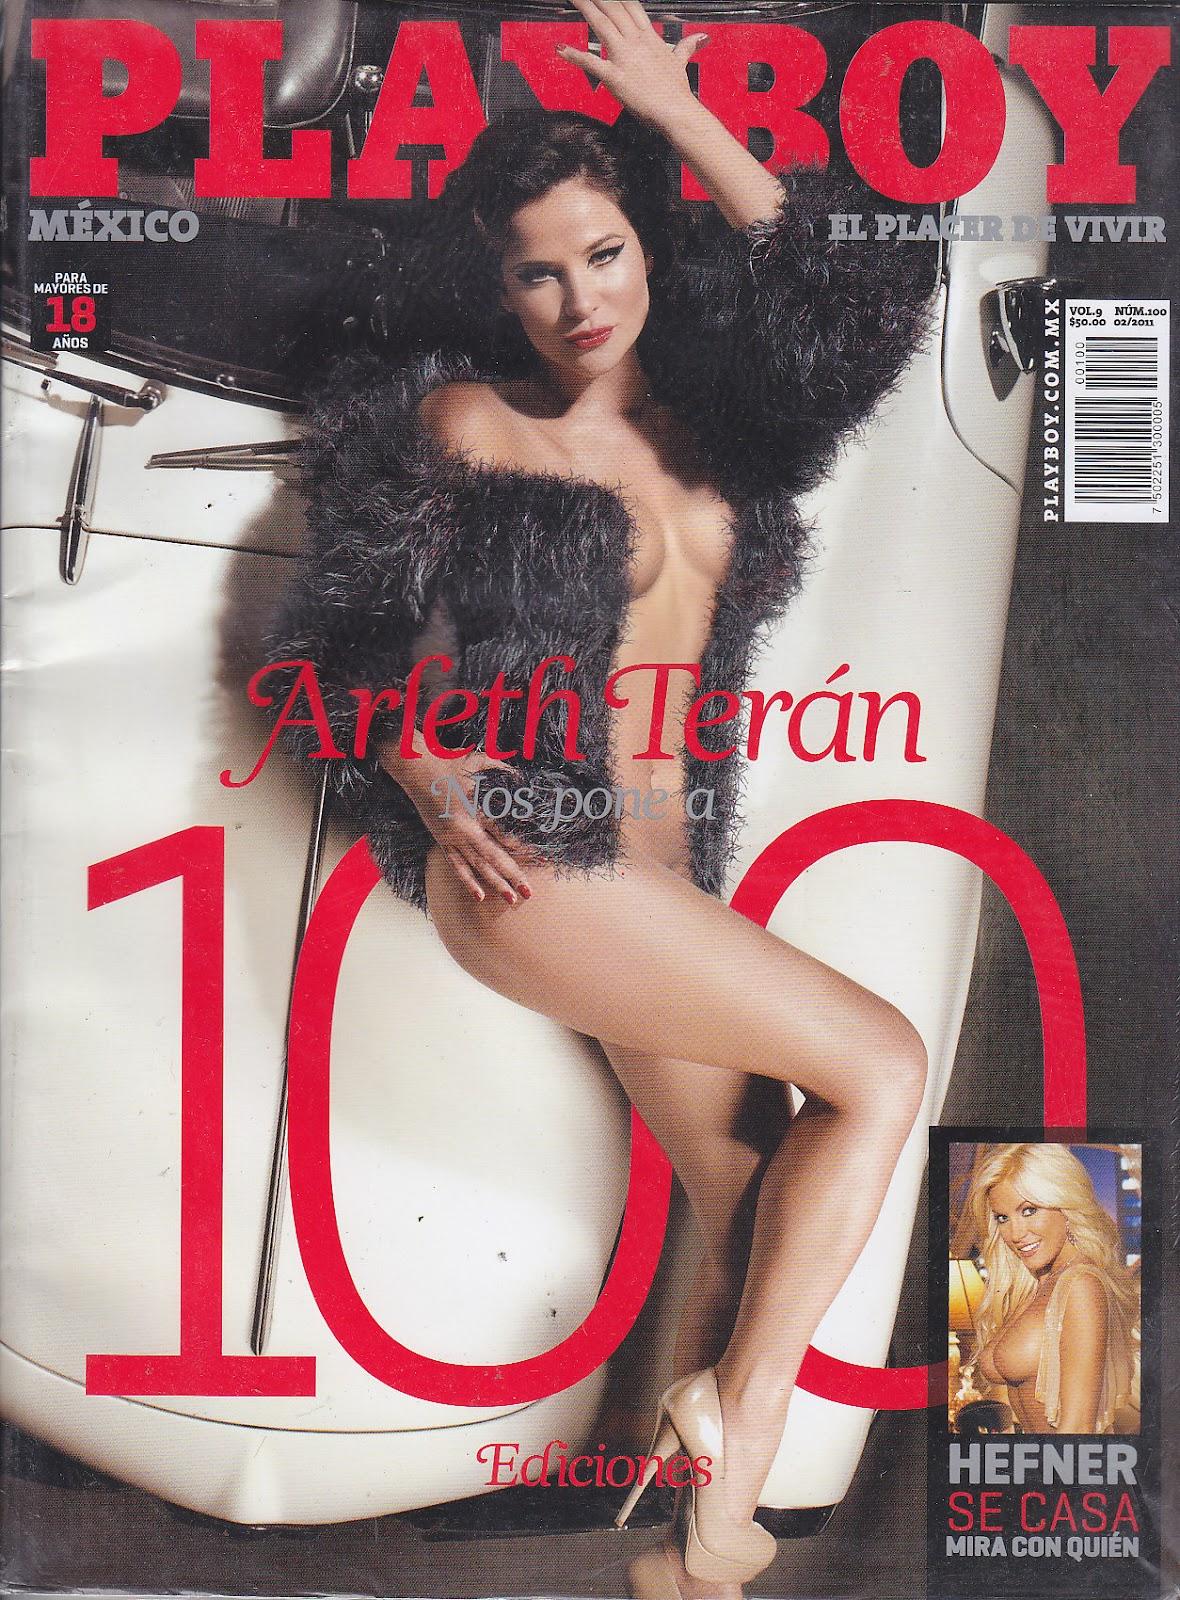 Revistas para caballeros mexicanas: Playboy México Febrero 2011 ...